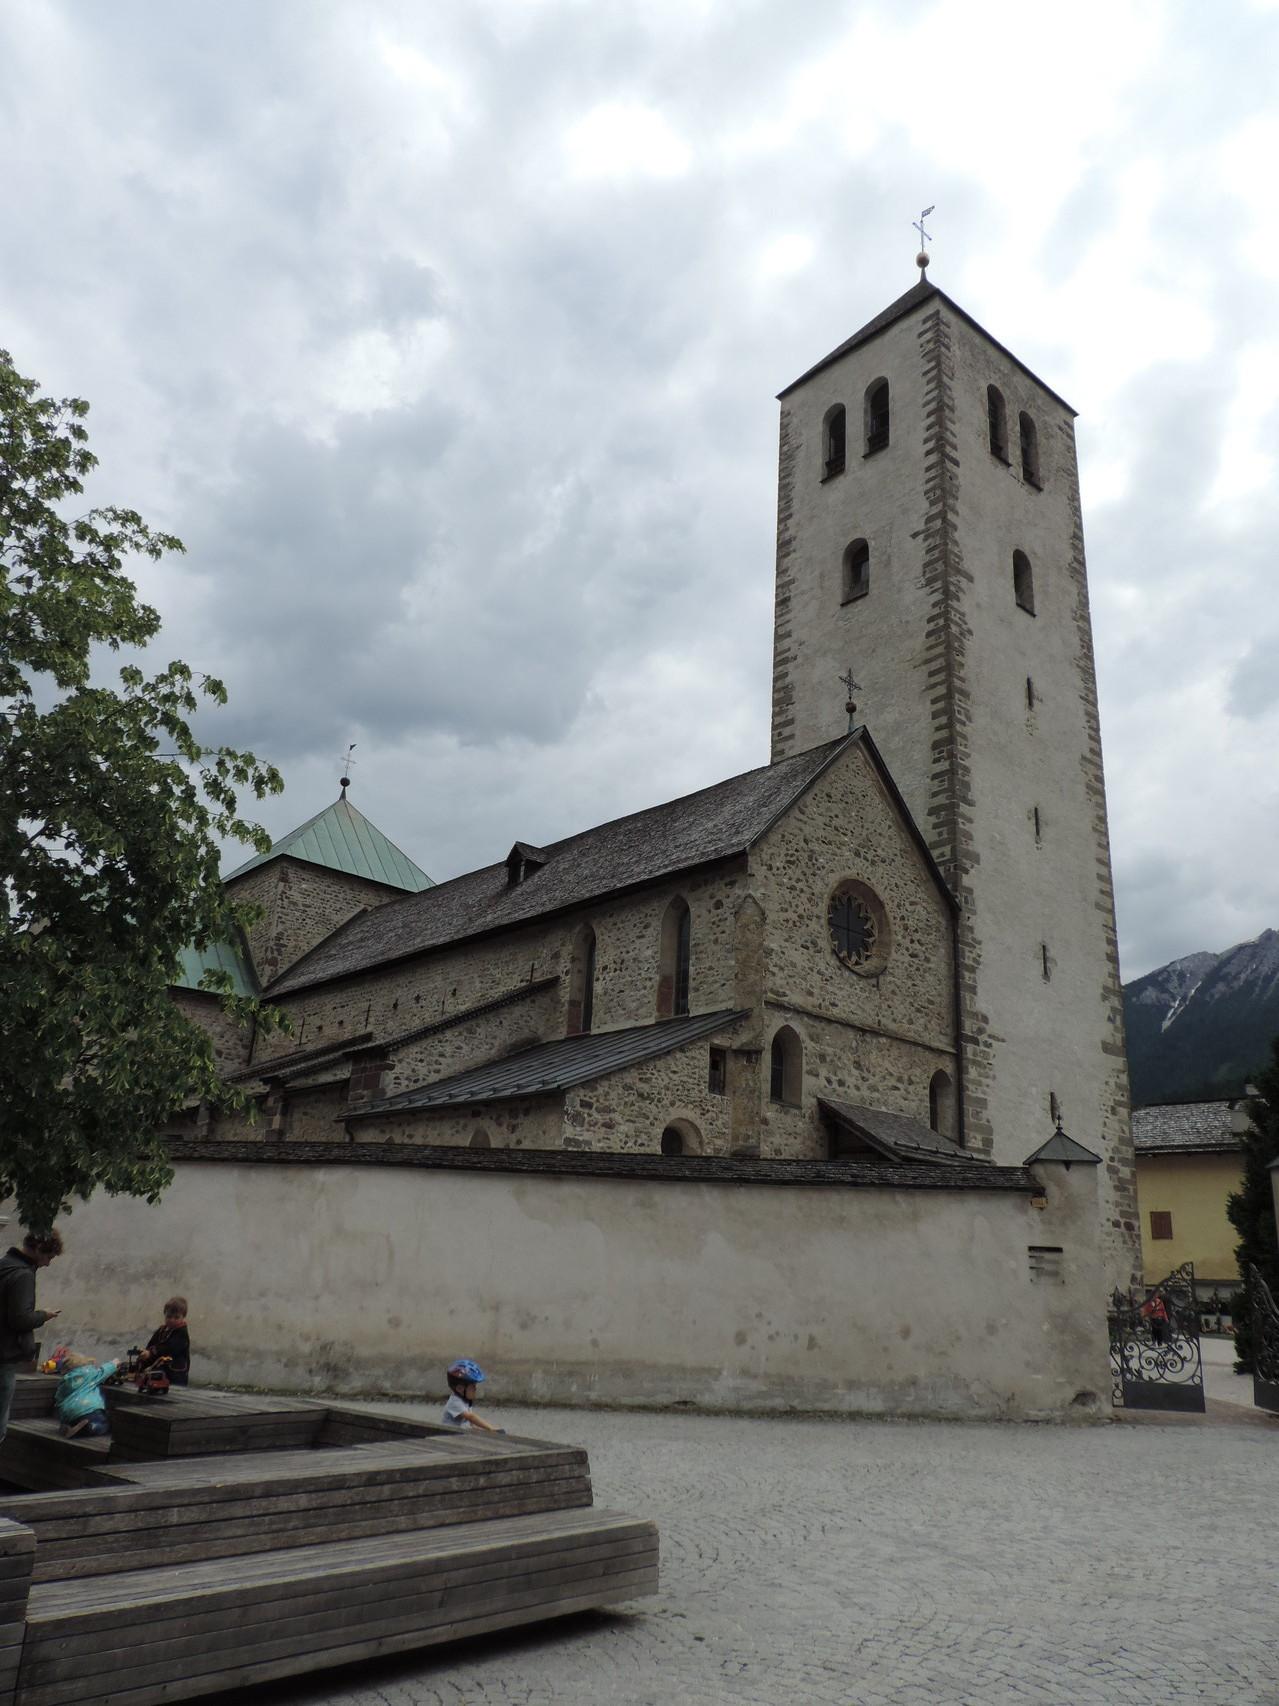 Stiftskirche in Innichen